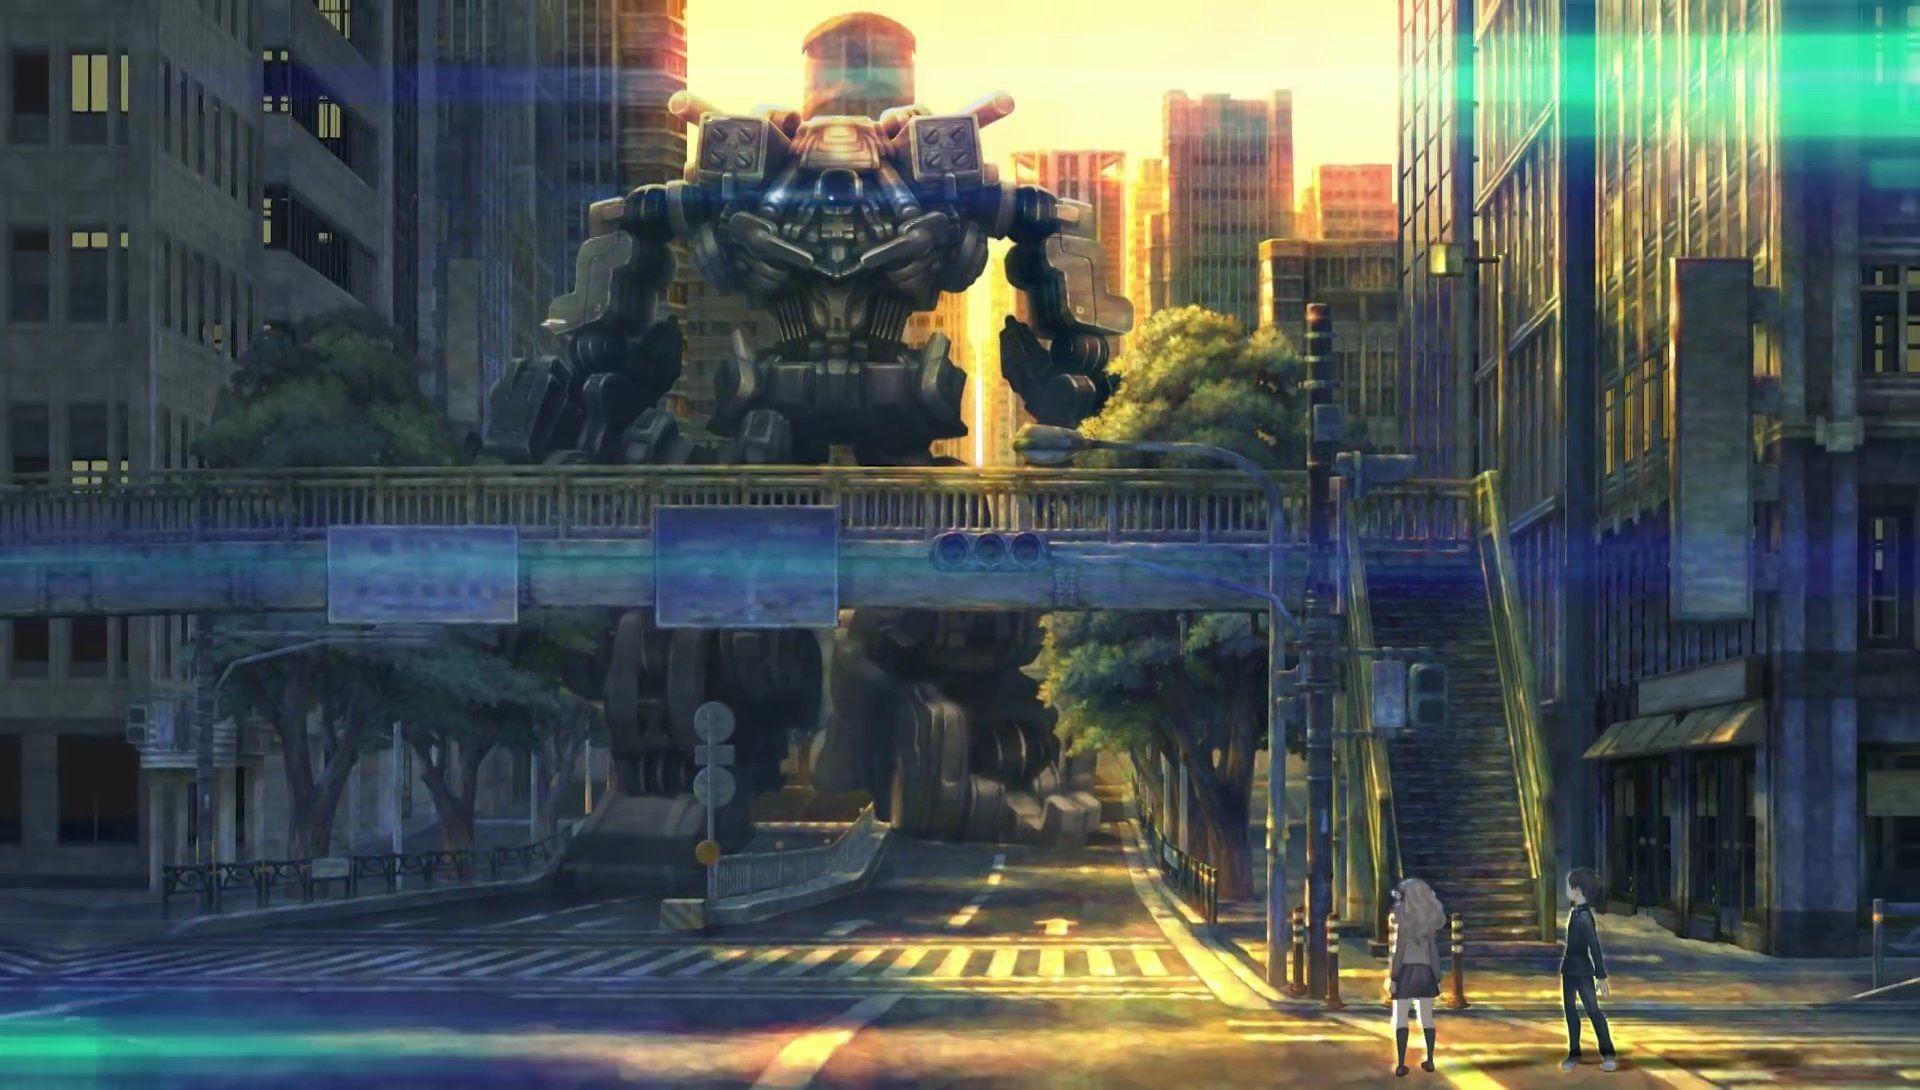 13 Sentinels Aegis Rim capture 3